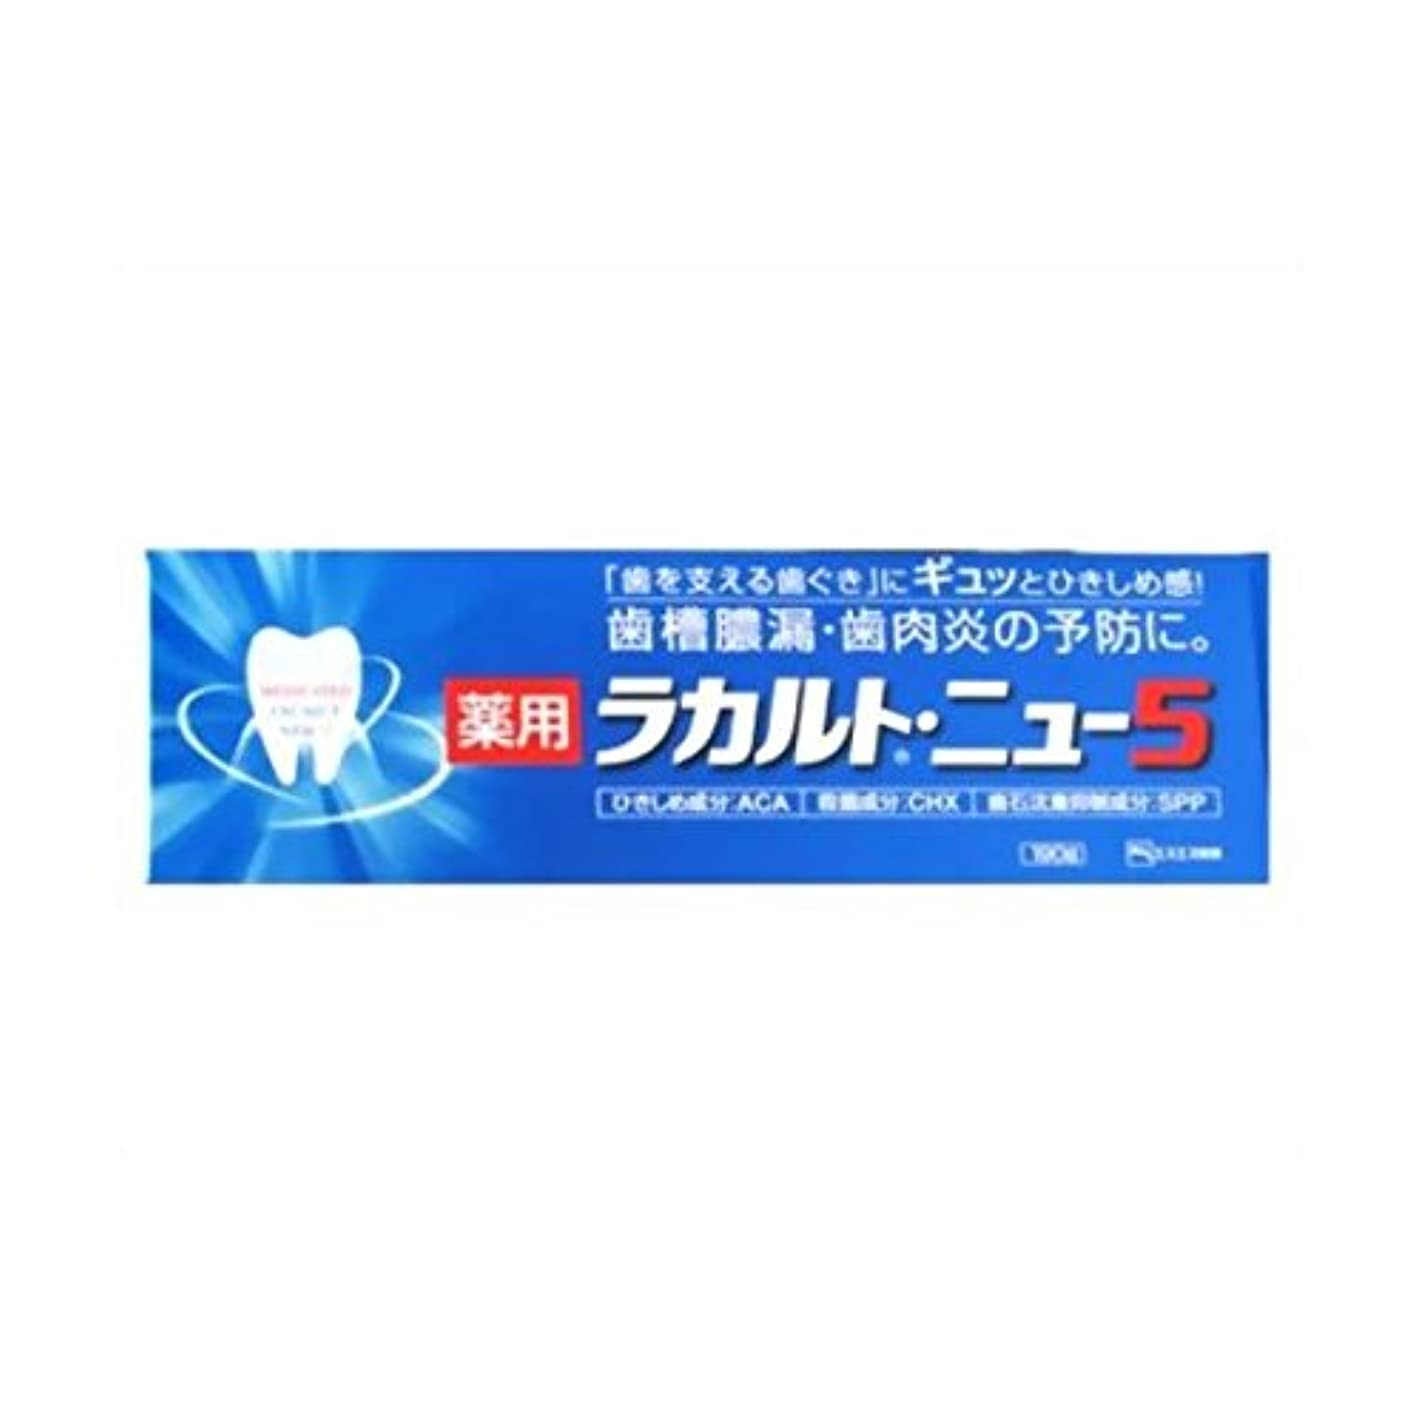 信頼性のあるクリークある【お徳用 3 セット】 薬用ラカルトニュー5 190g×3セット